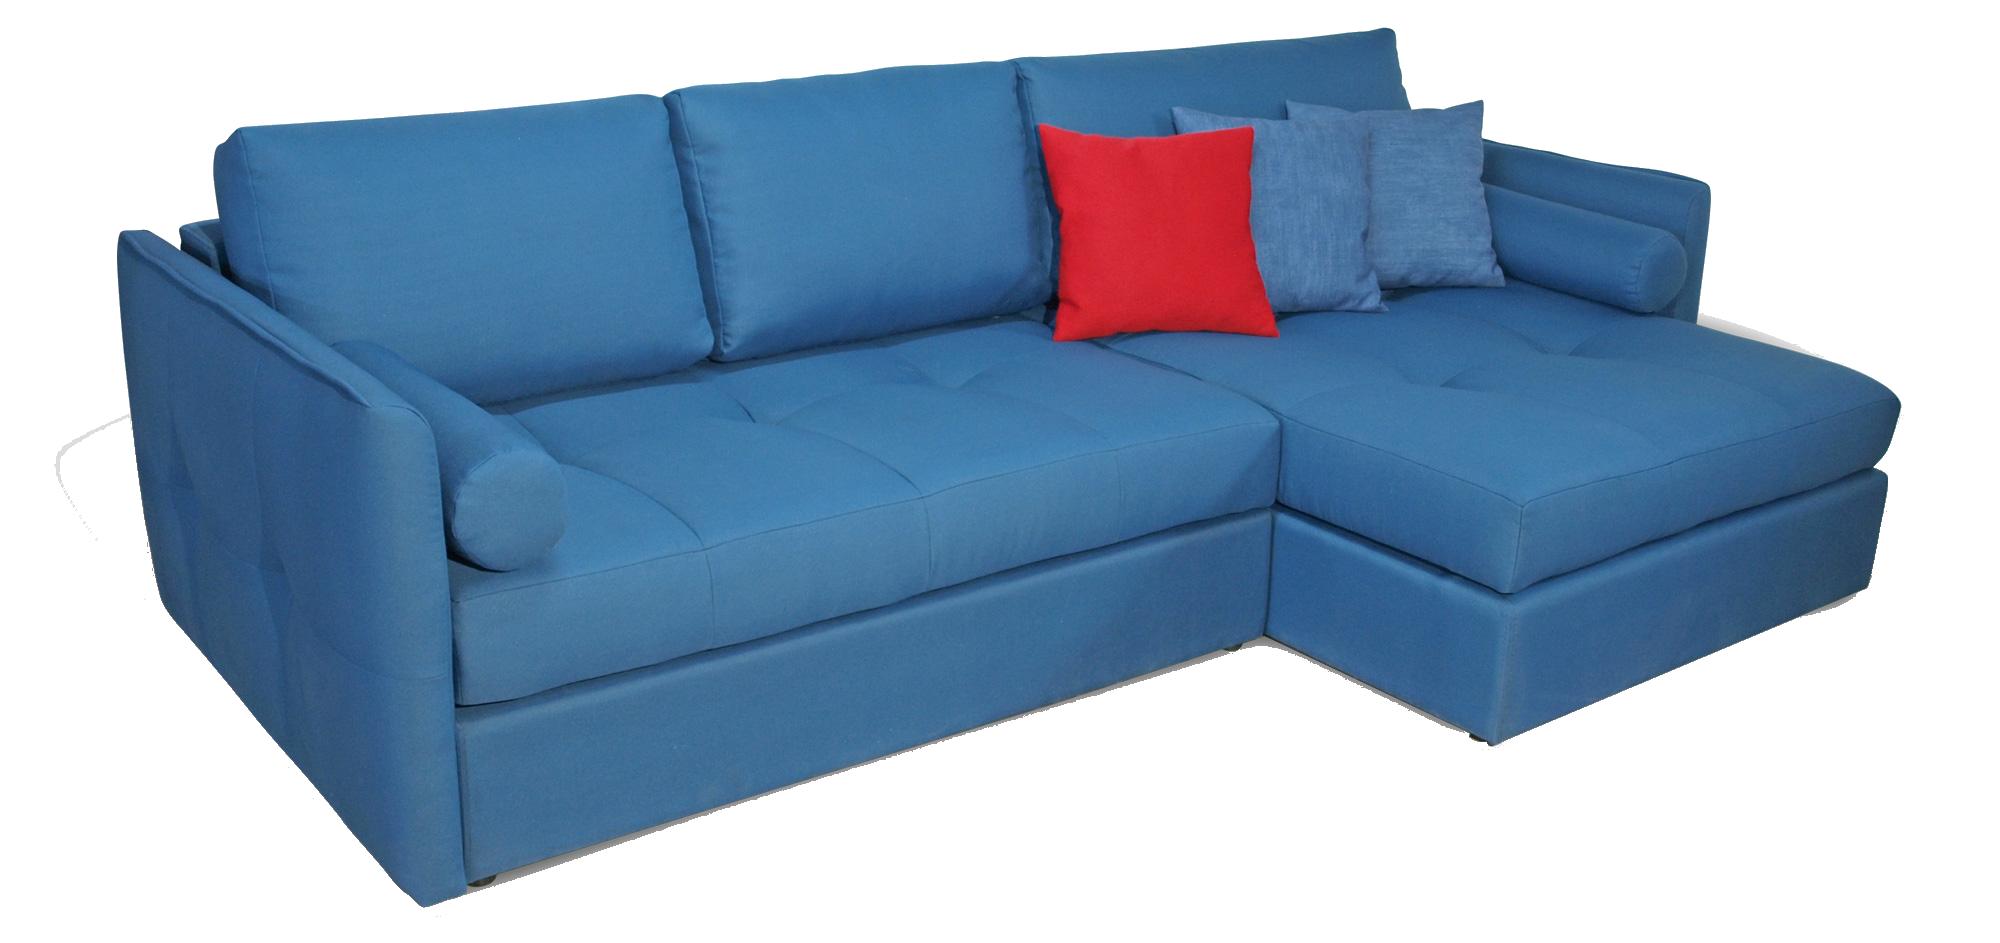 Sofa - фото 5